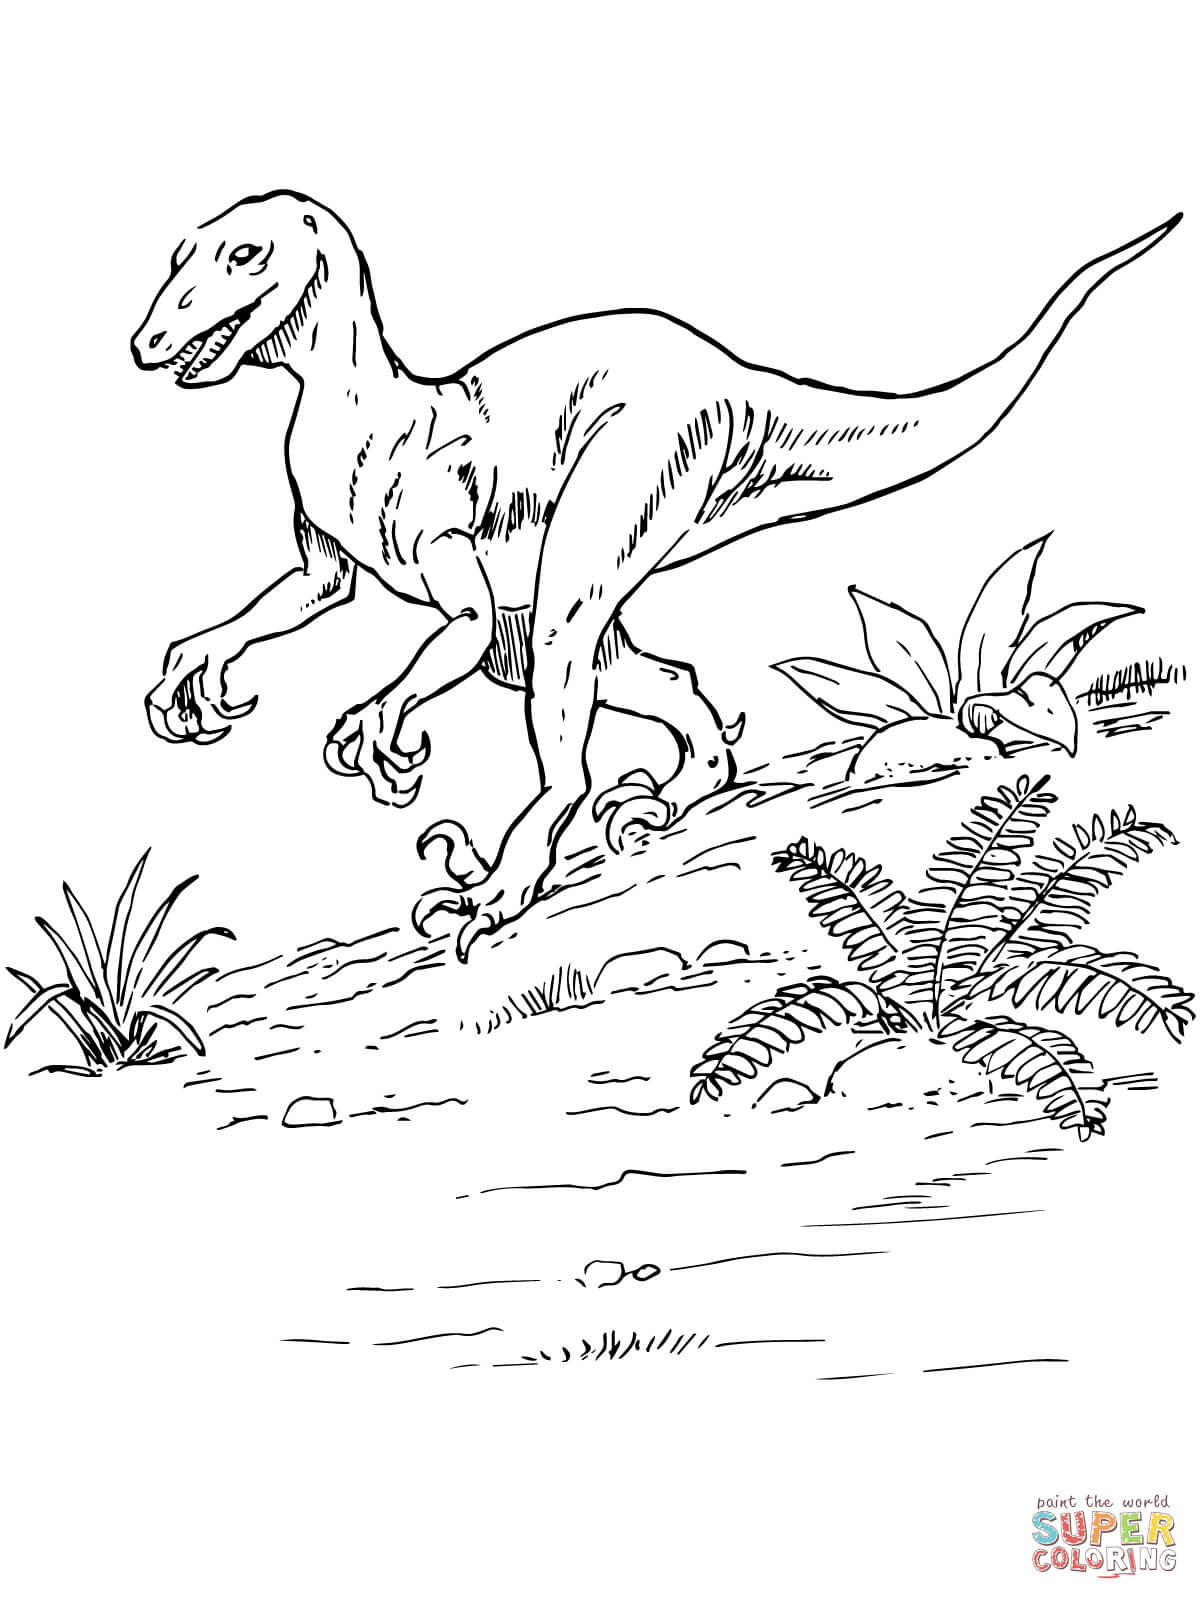 er sur la Dinosaure Deinonychus coloriages pour visualiser la version imprimable ou colorier en ligne patible avec les tablettes iPad et Android